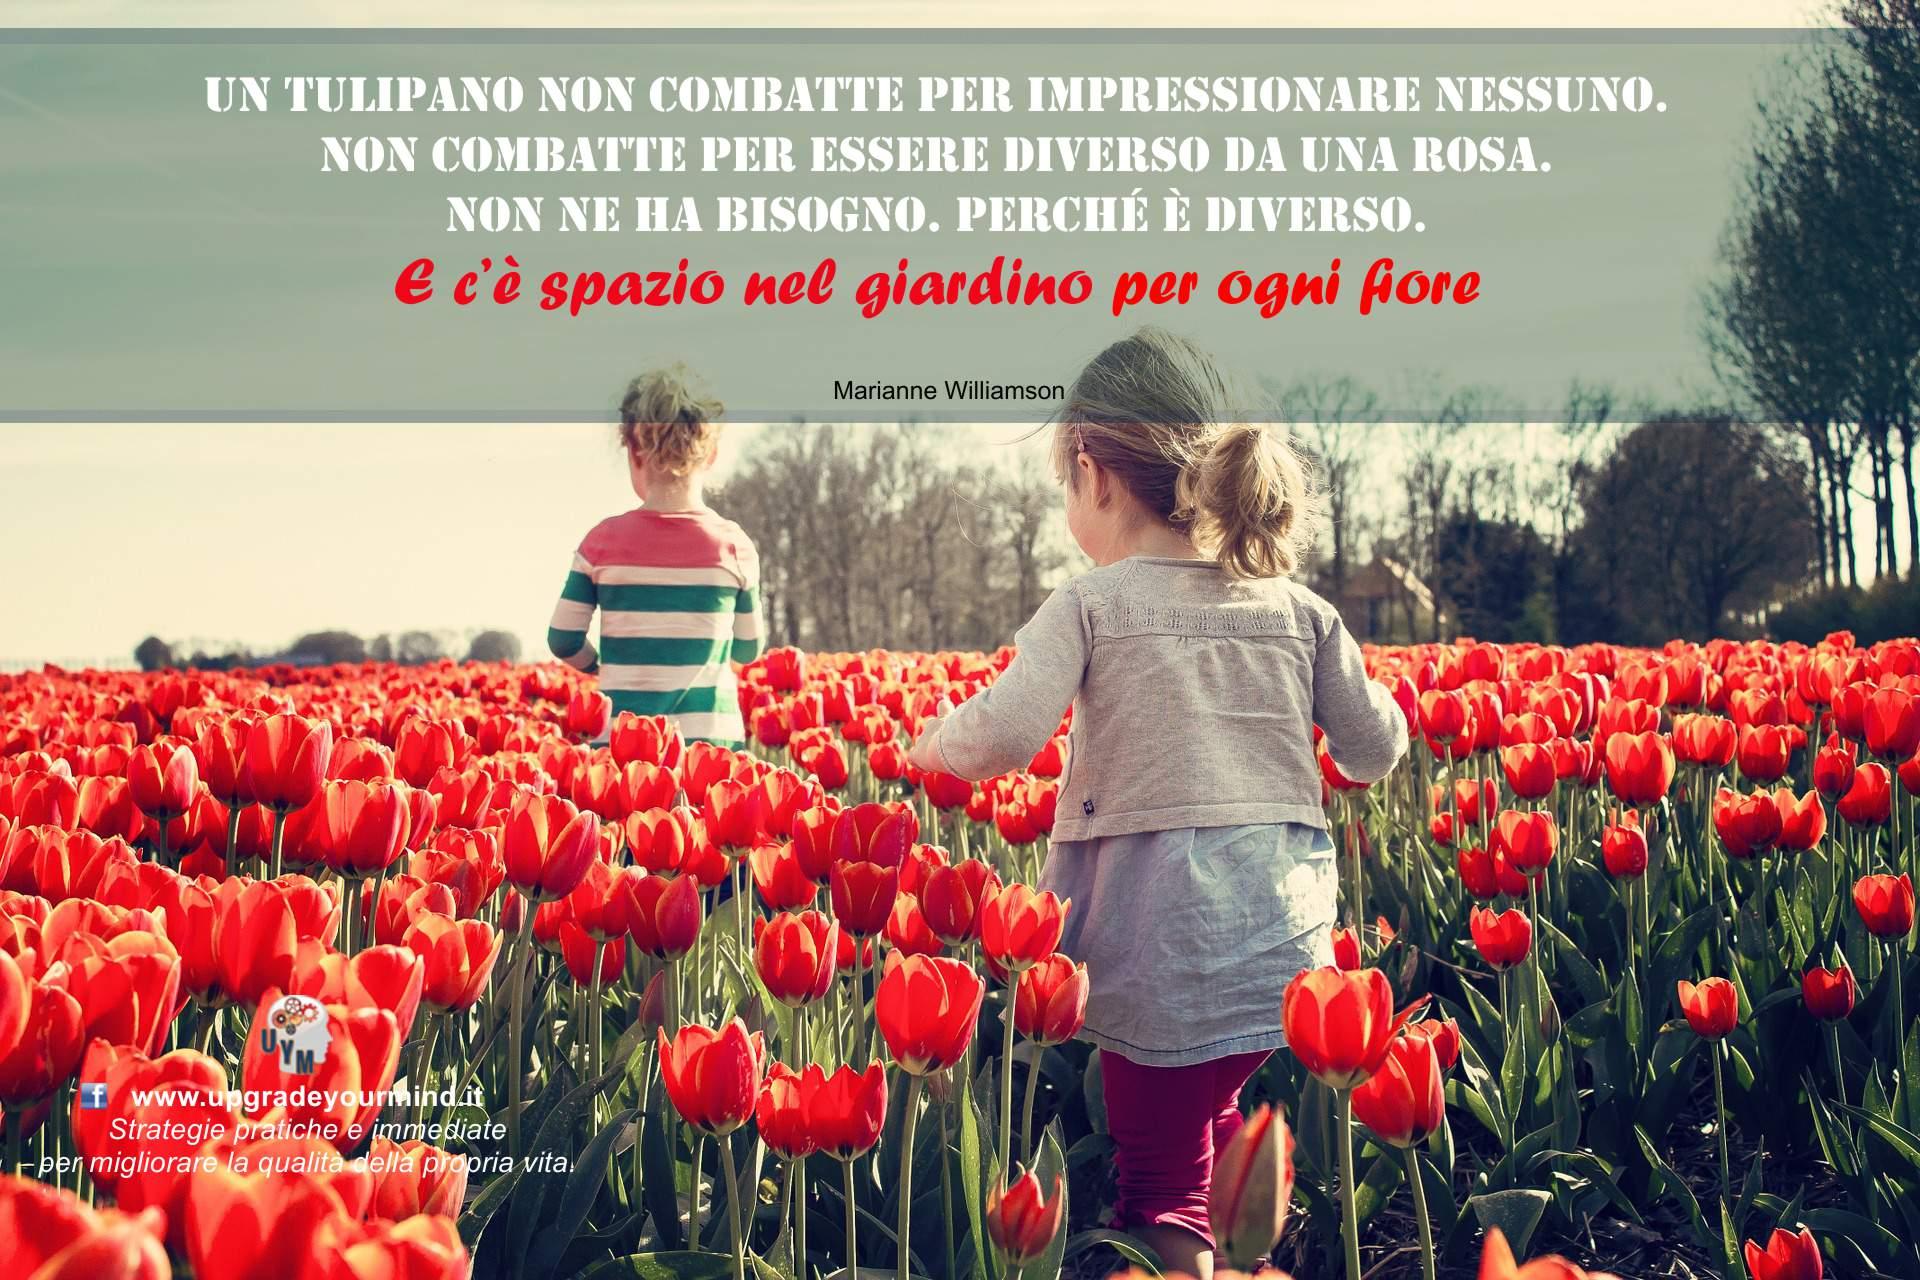 Immagini Con Frasi Per Fare Un Pieno Denergia Su Upgrade Your Mind